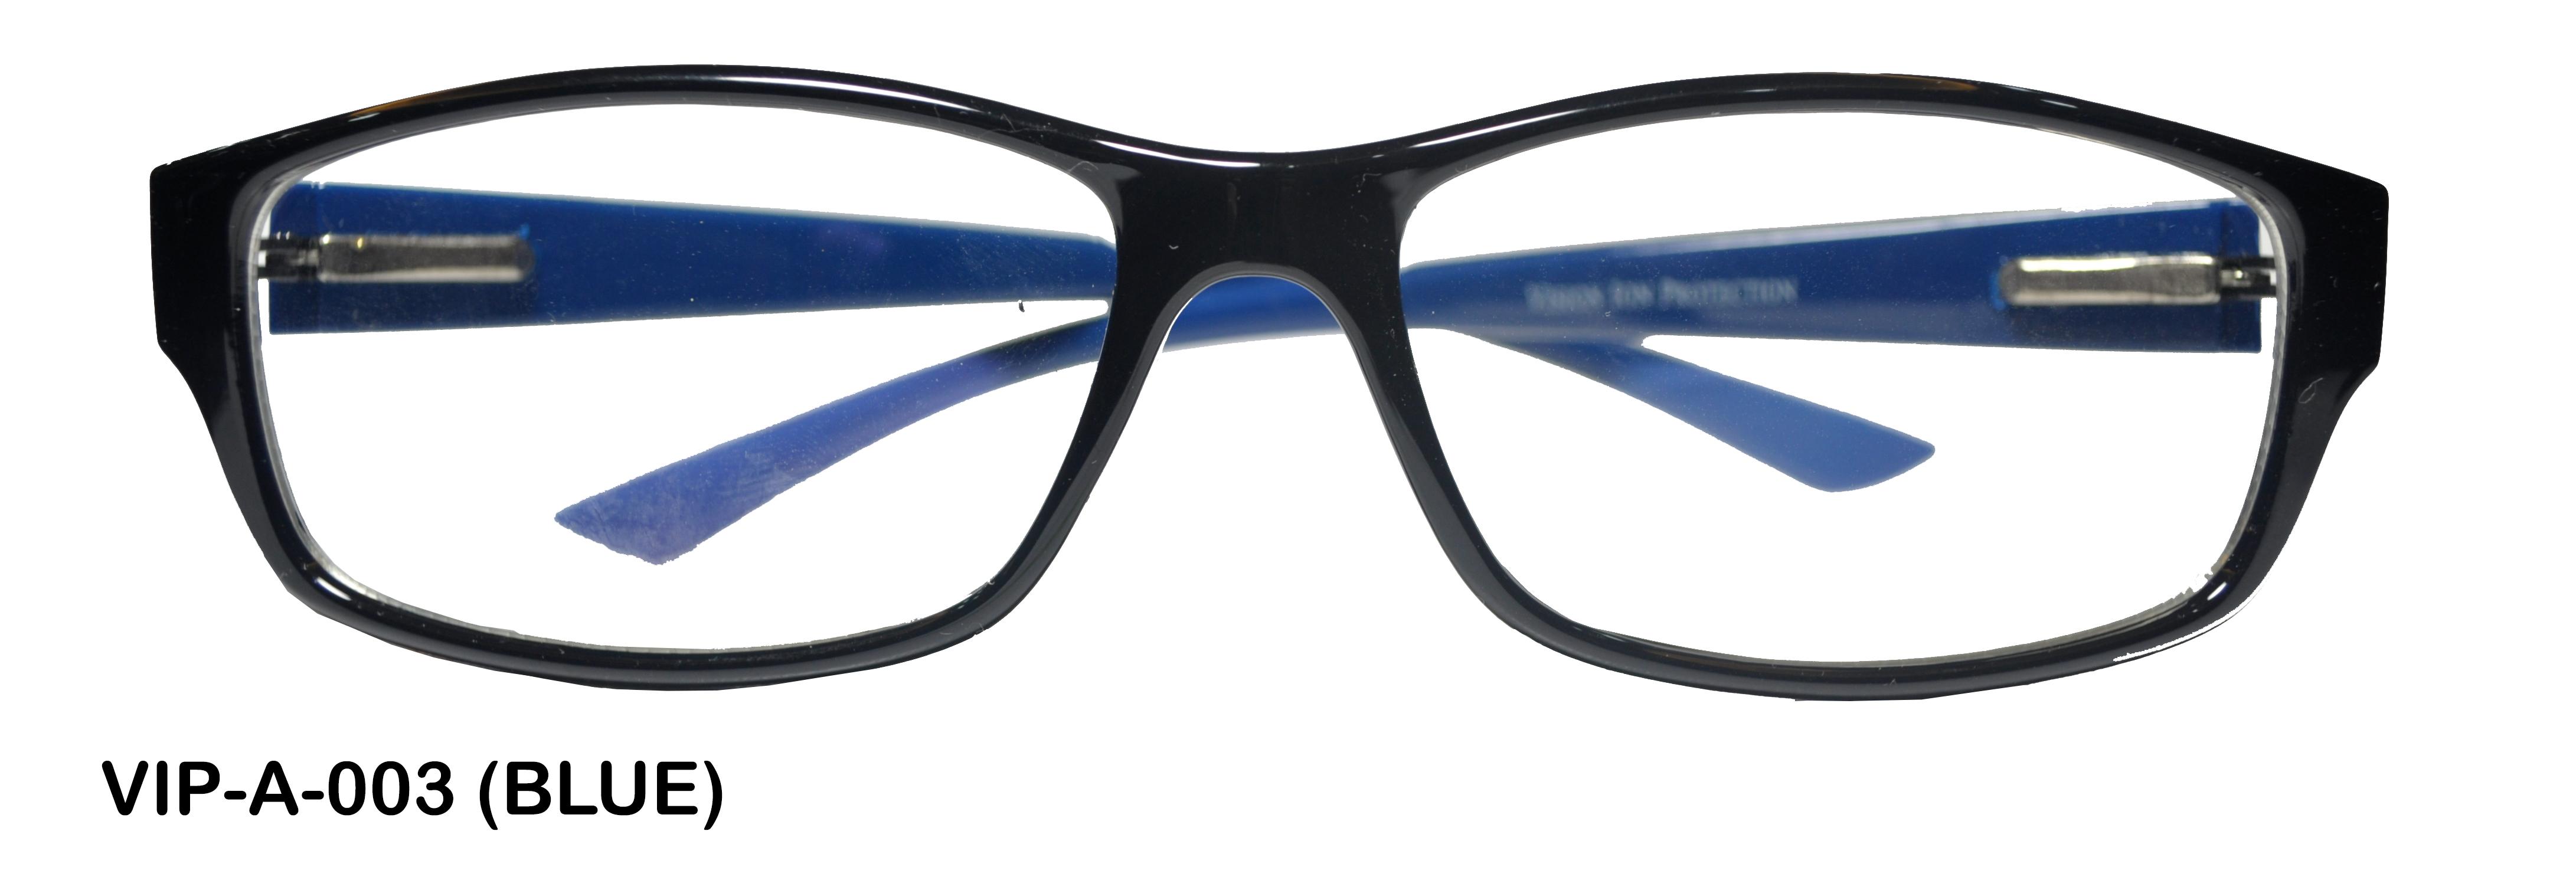 vip-a-003-blue